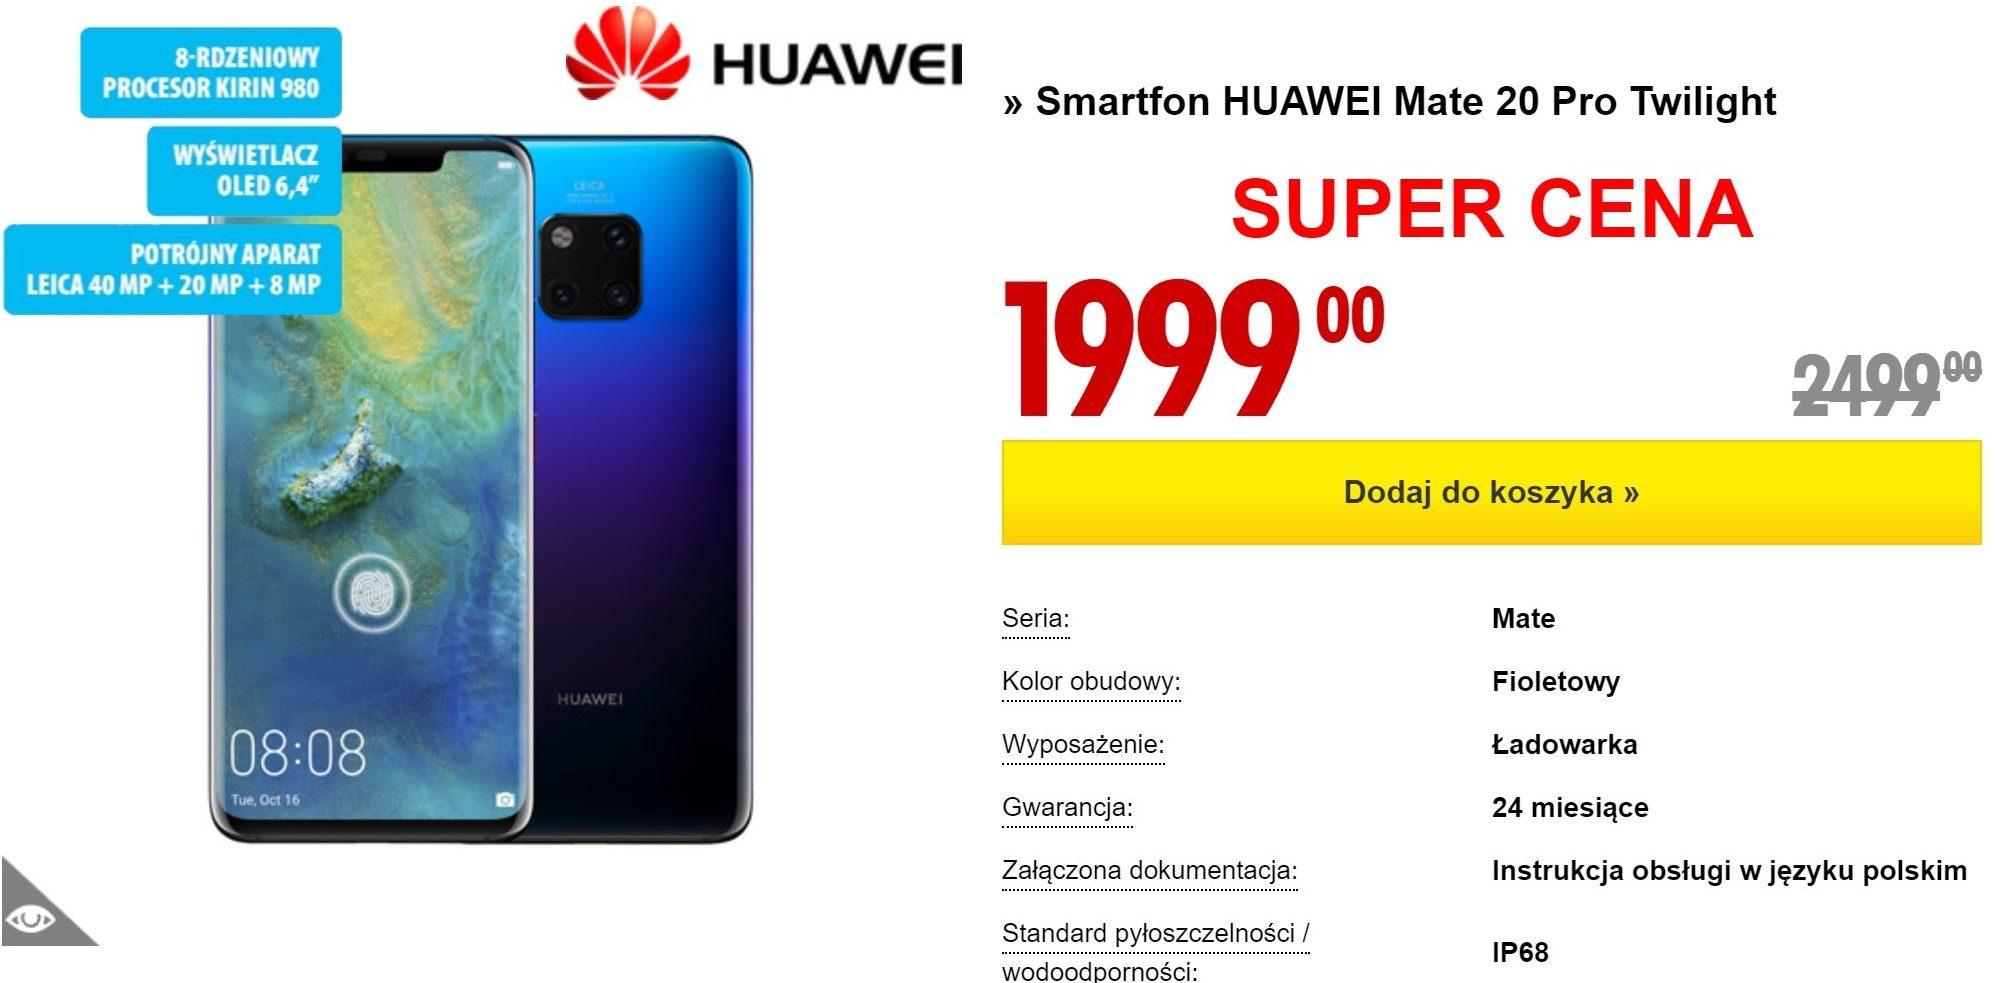 Oferta dnia: Huawei Mate 20 Pro aż o 500 zł taniej!